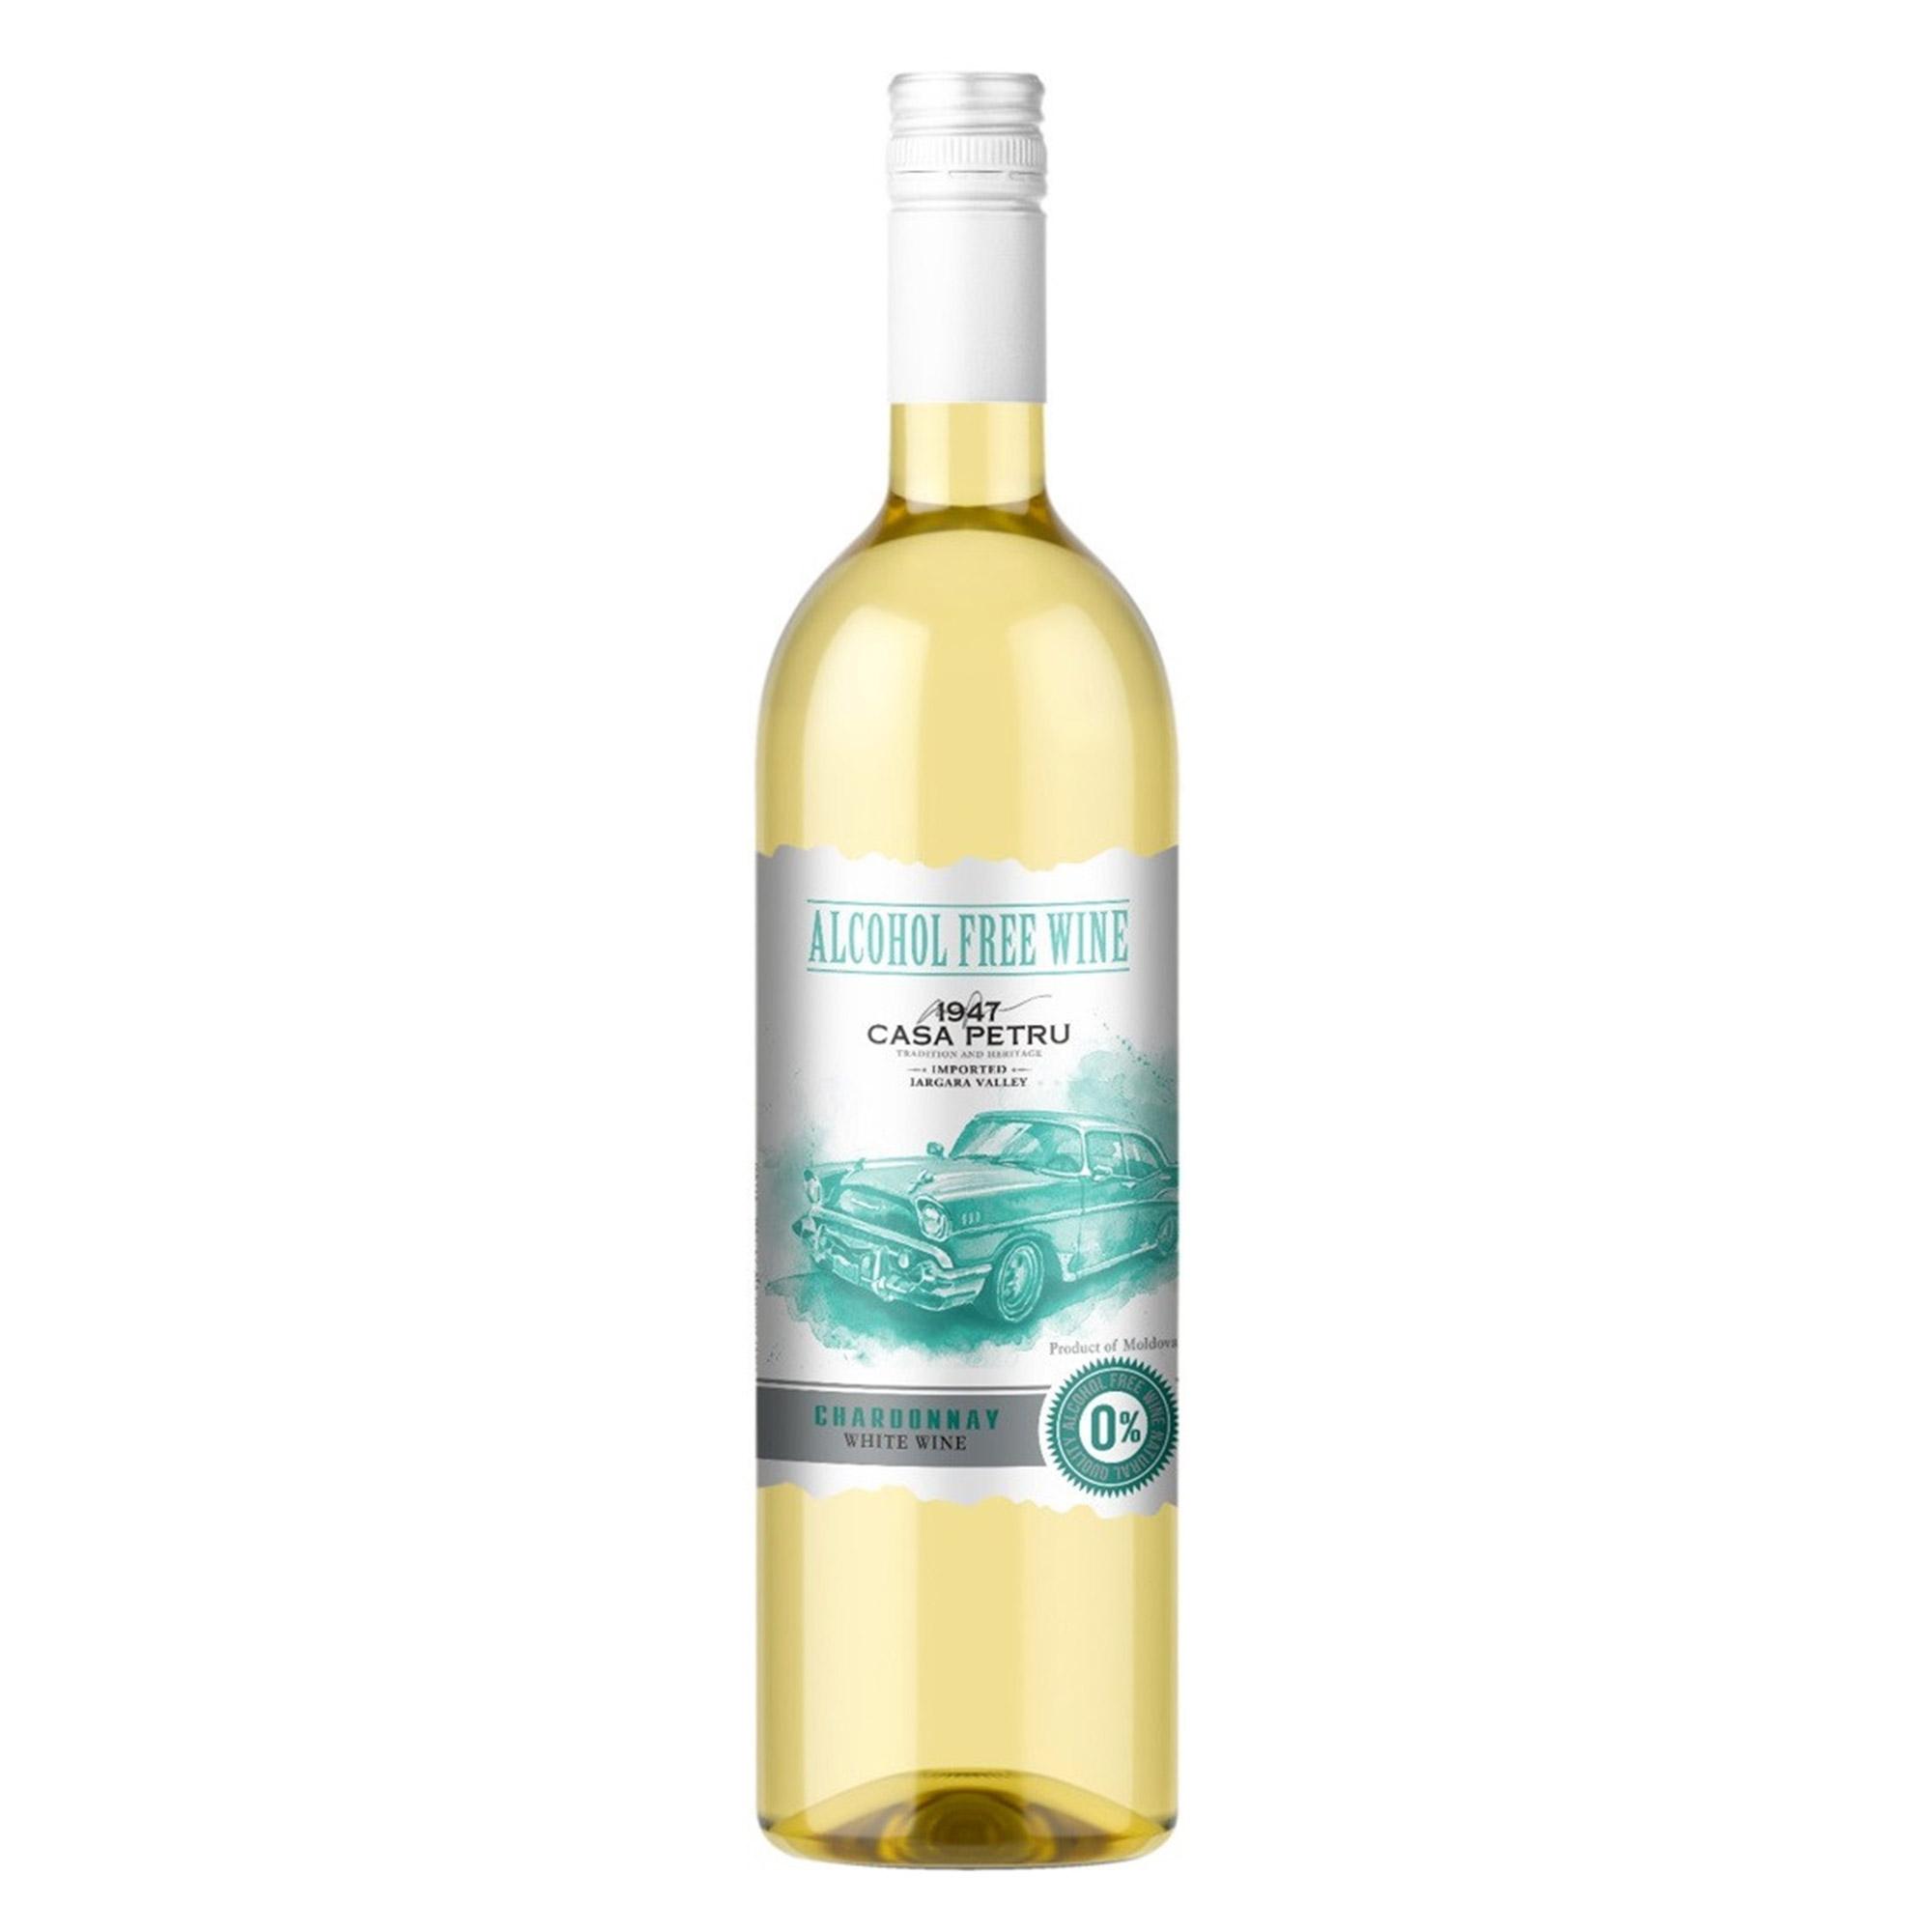 carl jung рислинг вино белое безалкогольное 750 мл Вино безалкогольное белое сладкое Casa Petru Chardonnay 0,75 л